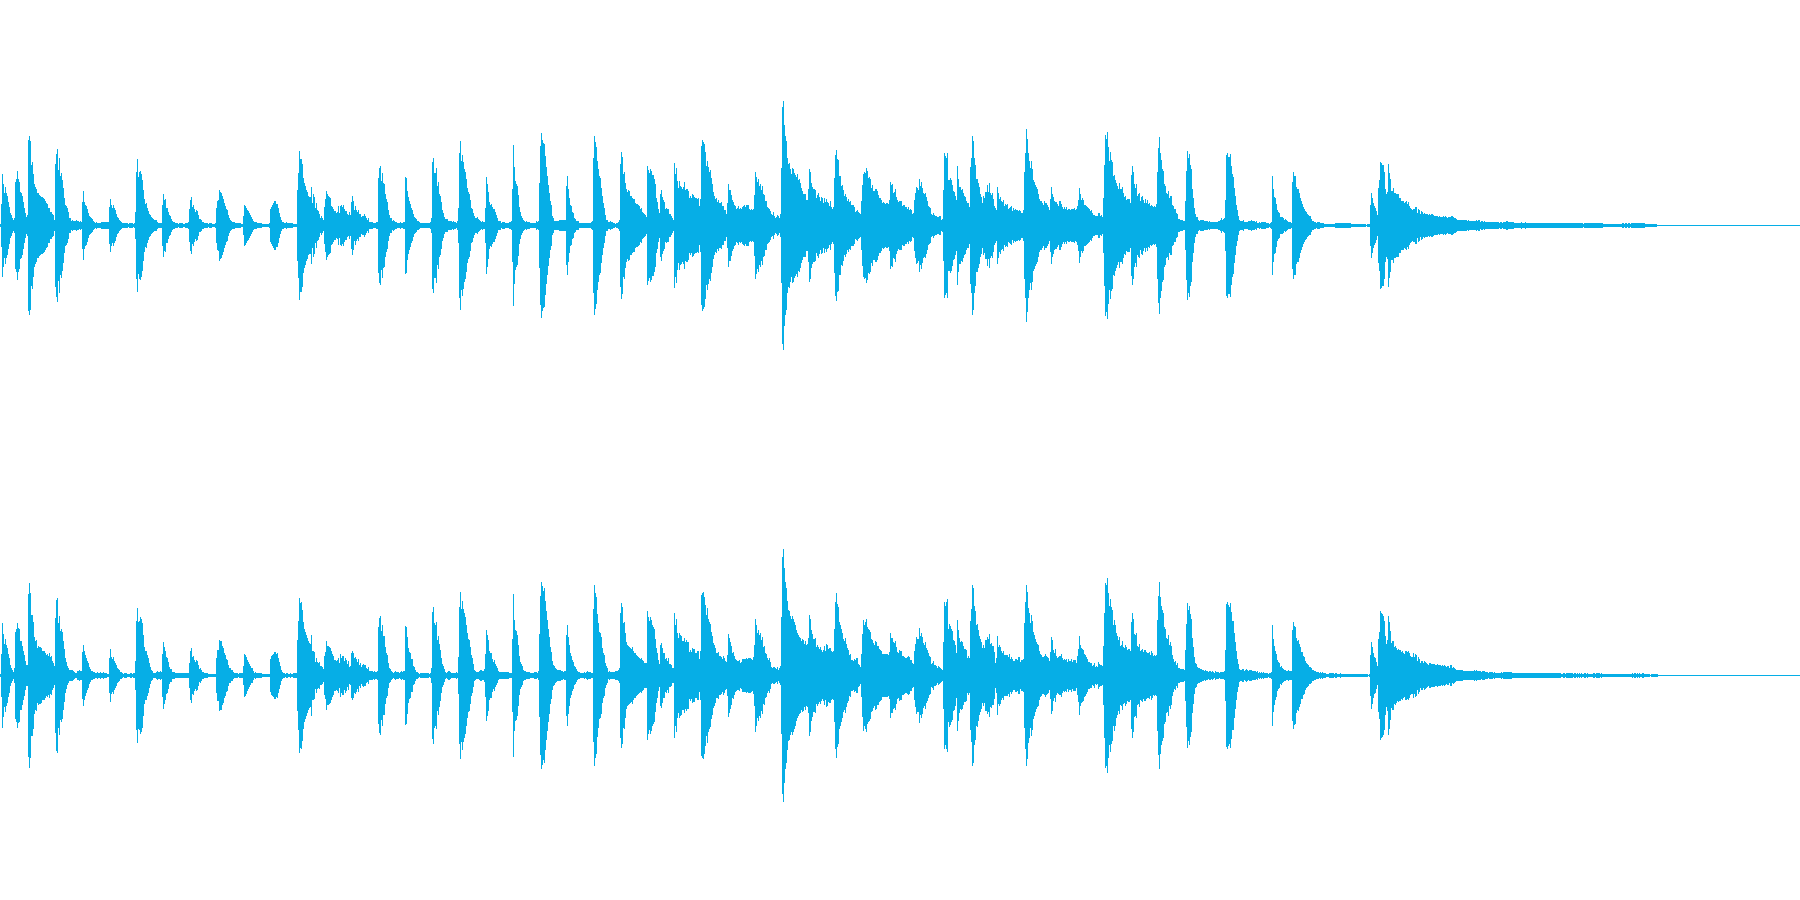 メルヘンある子供むきトイピアノの再生済みの波形